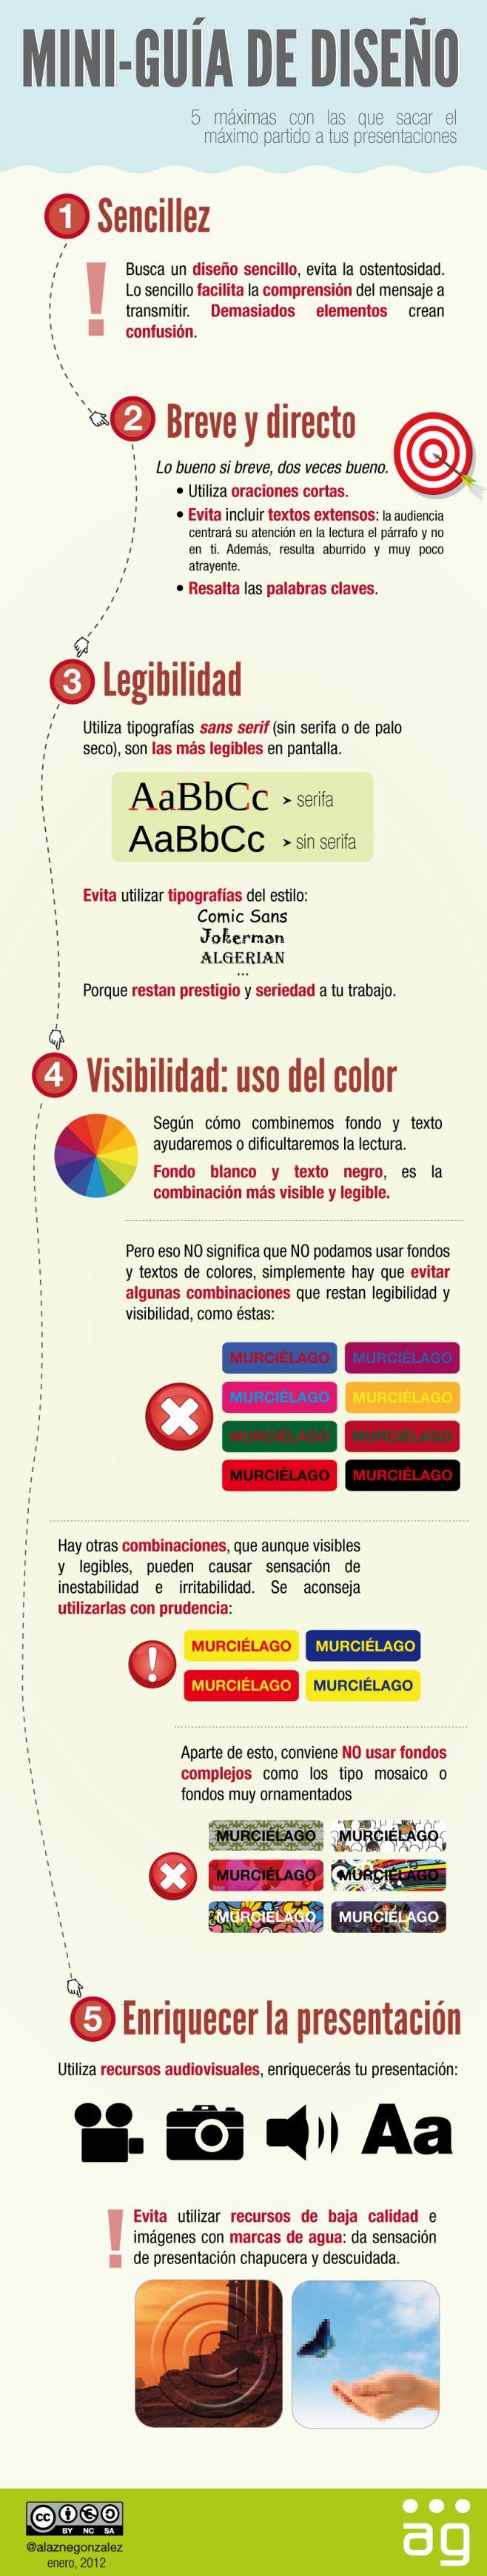 Guía para mejorar tus presentaciones #infographic